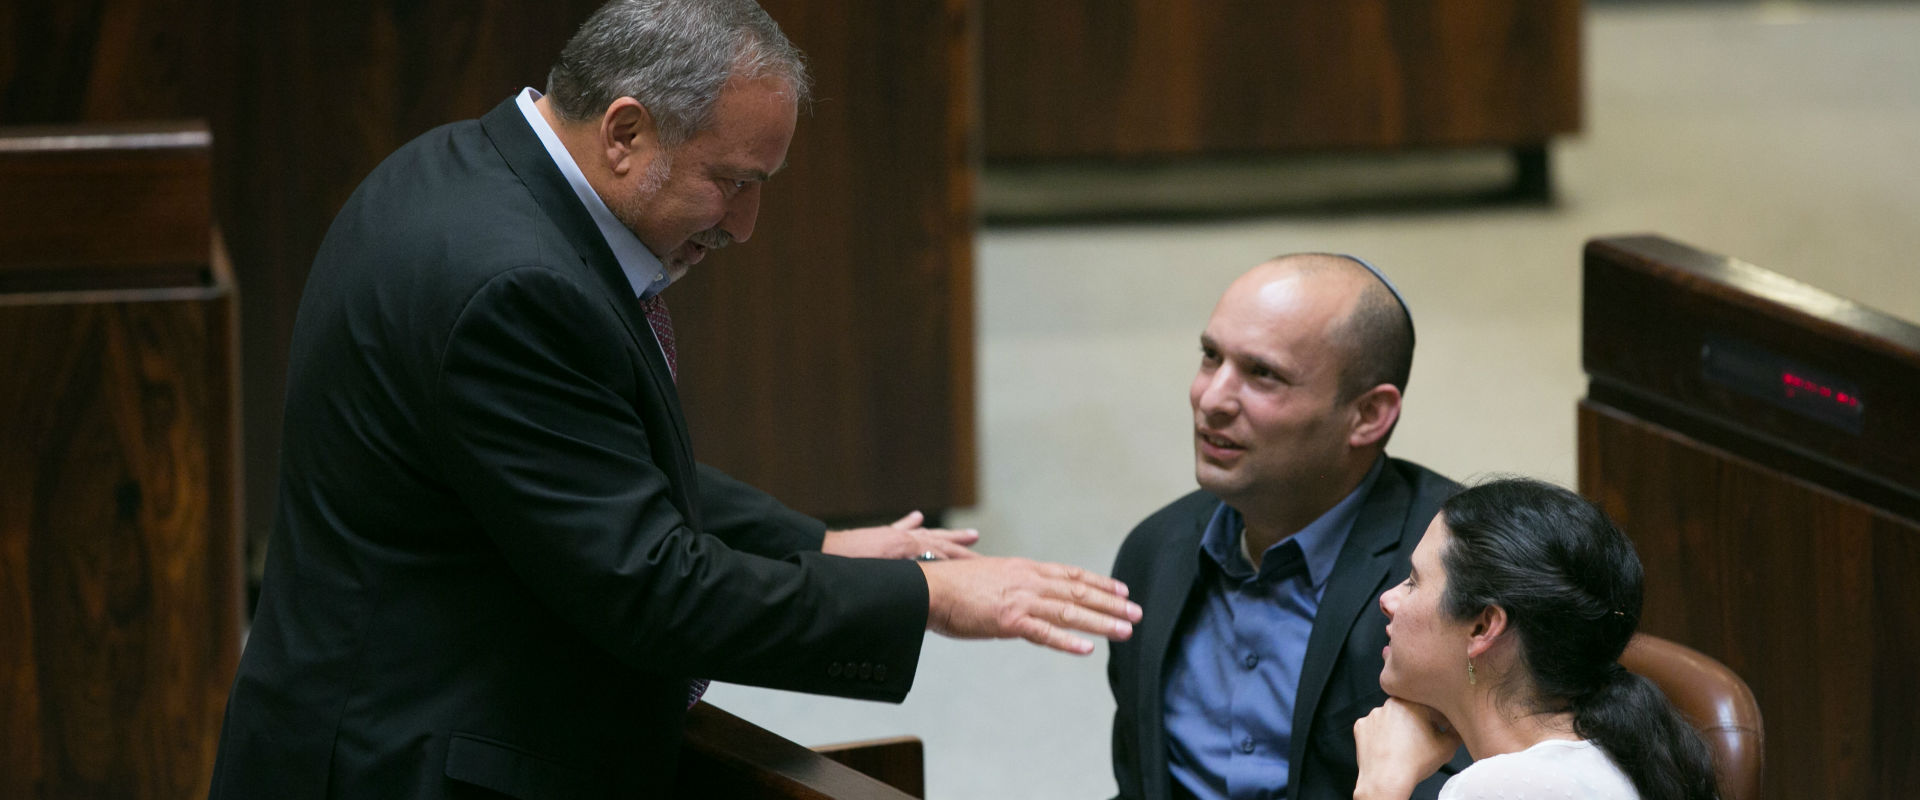 שקד, בנט וליברמן במליאת הכנסת, 2015